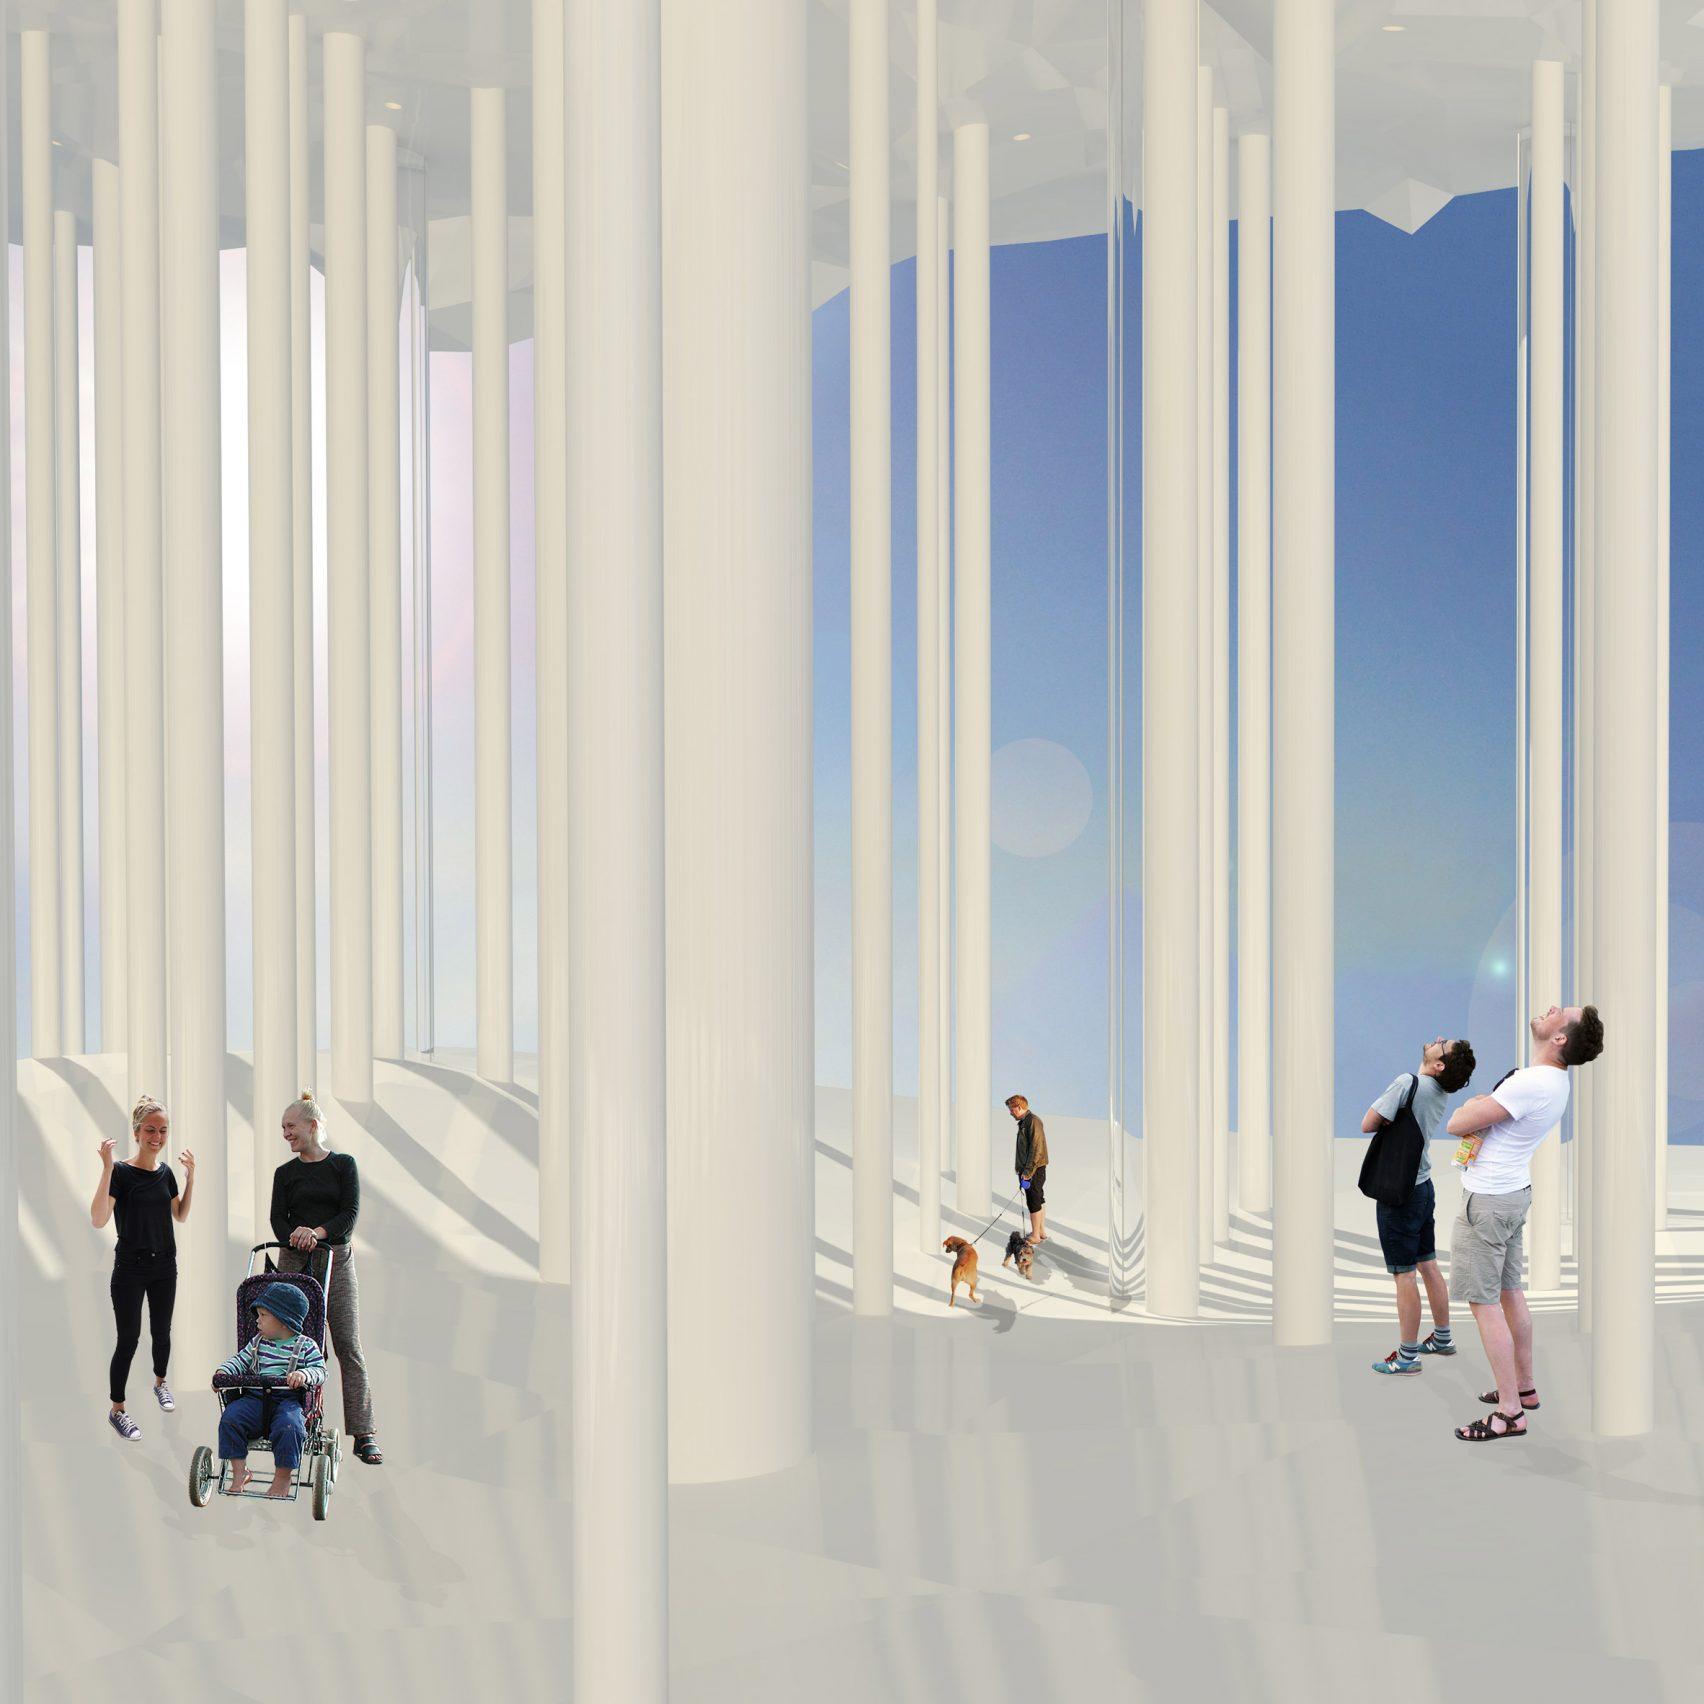 new-monumentalism-lilach-borenstein-architecture-4